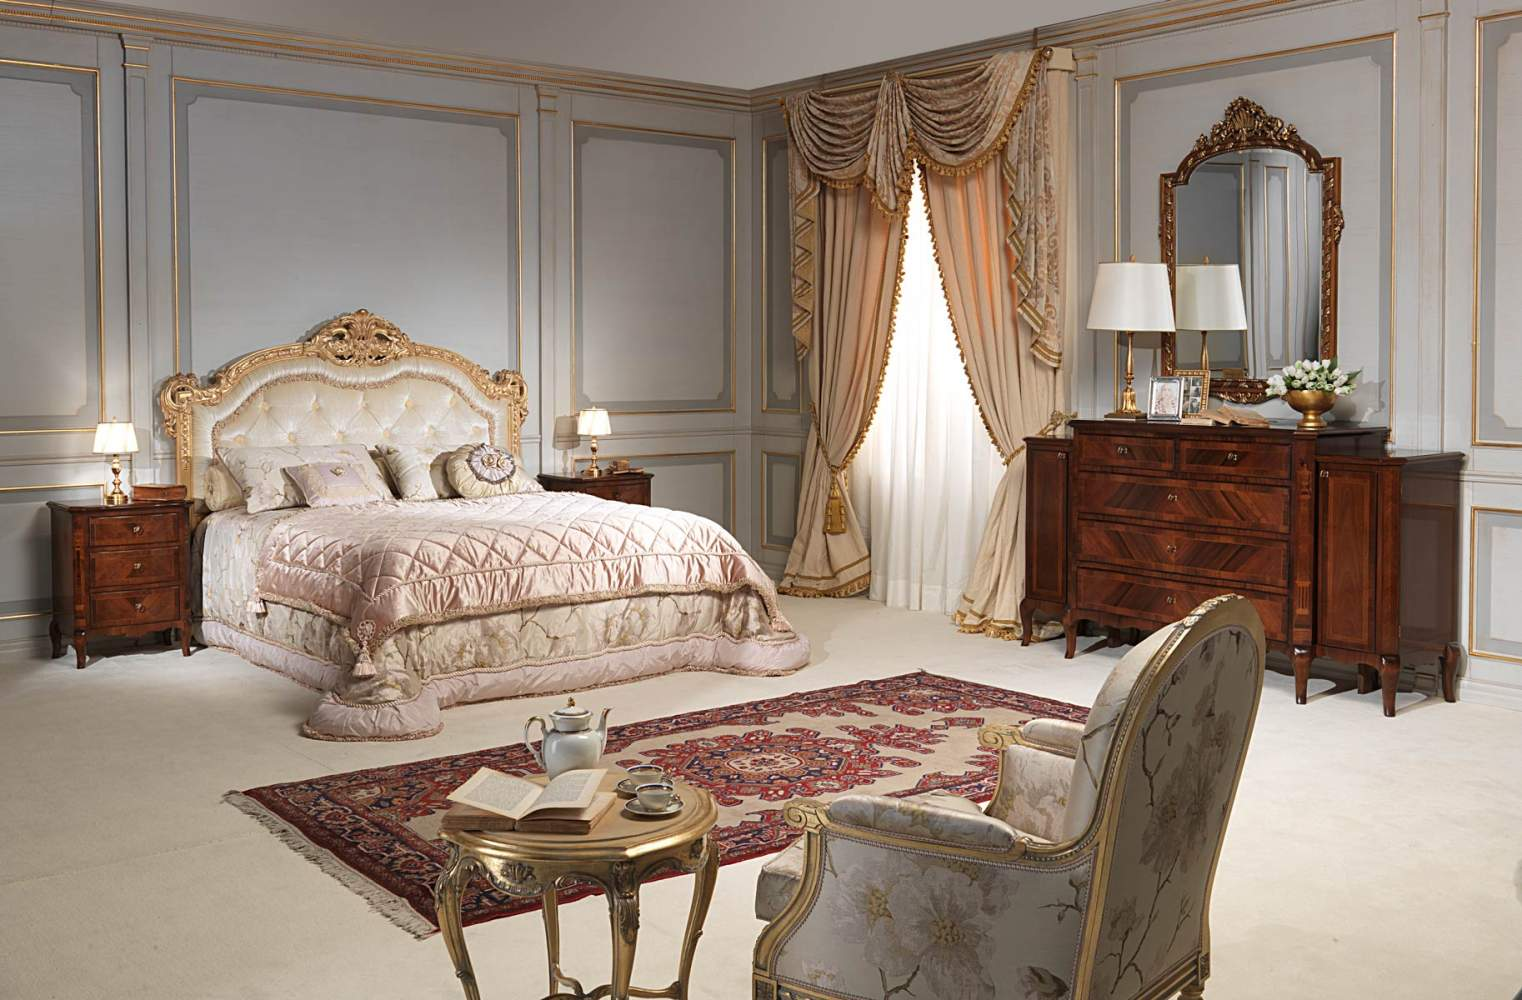 Camera da letto classica 800 francese